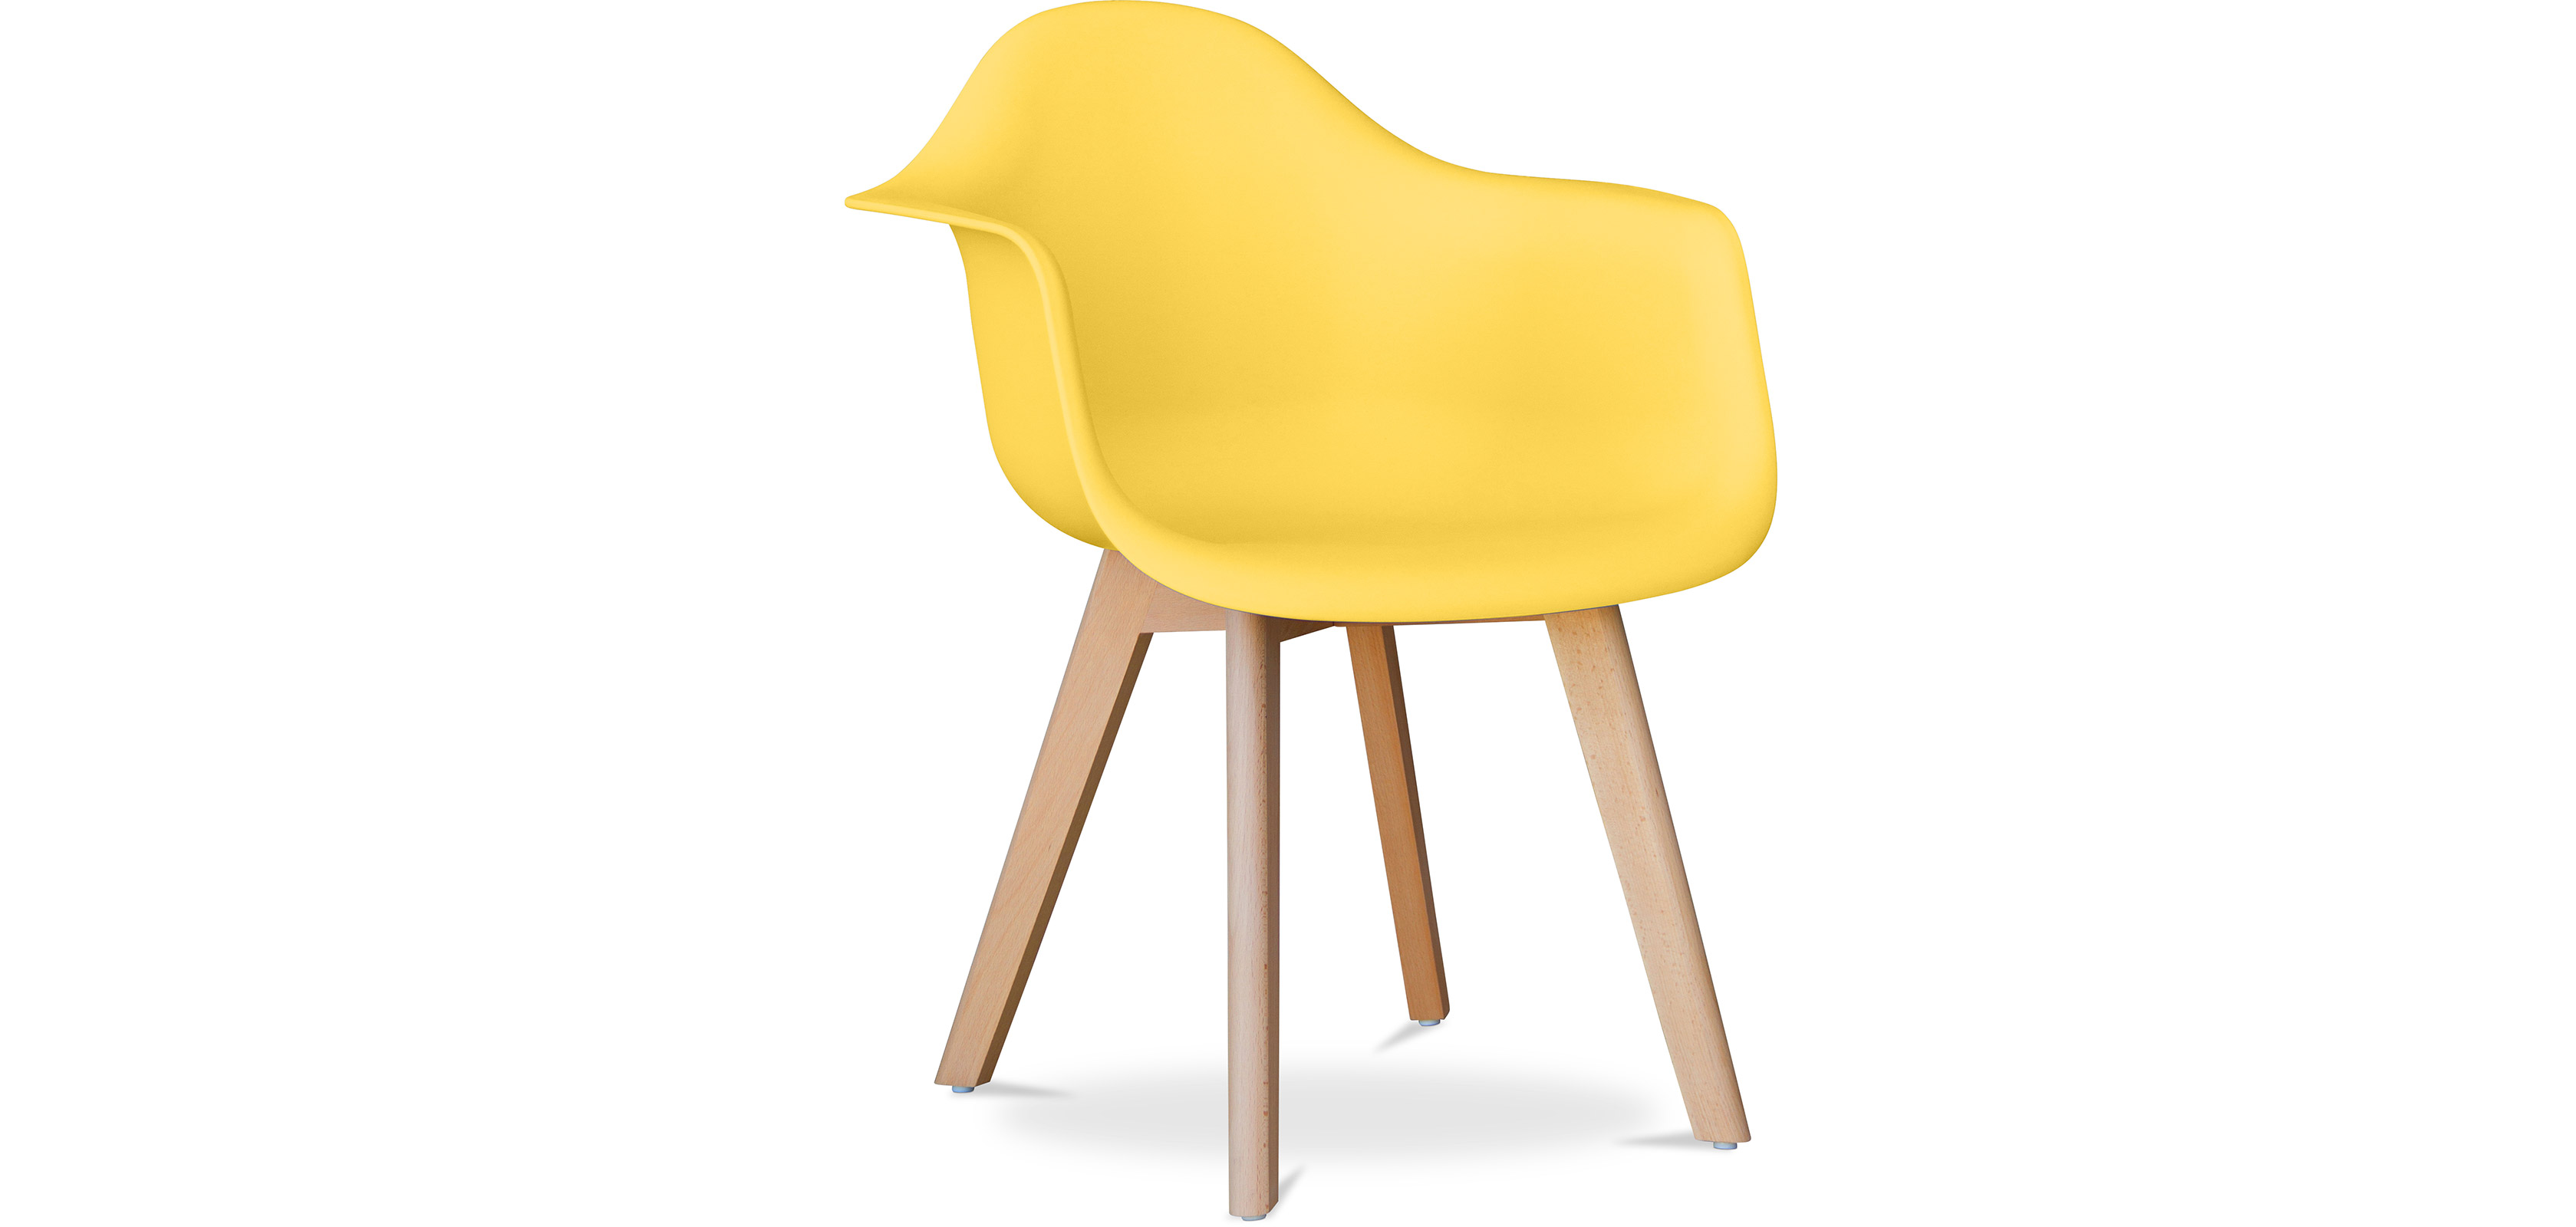 daw stuhl charles eames polypropylen style. Black Bedroom Furniture Sets. Home Design Ideas